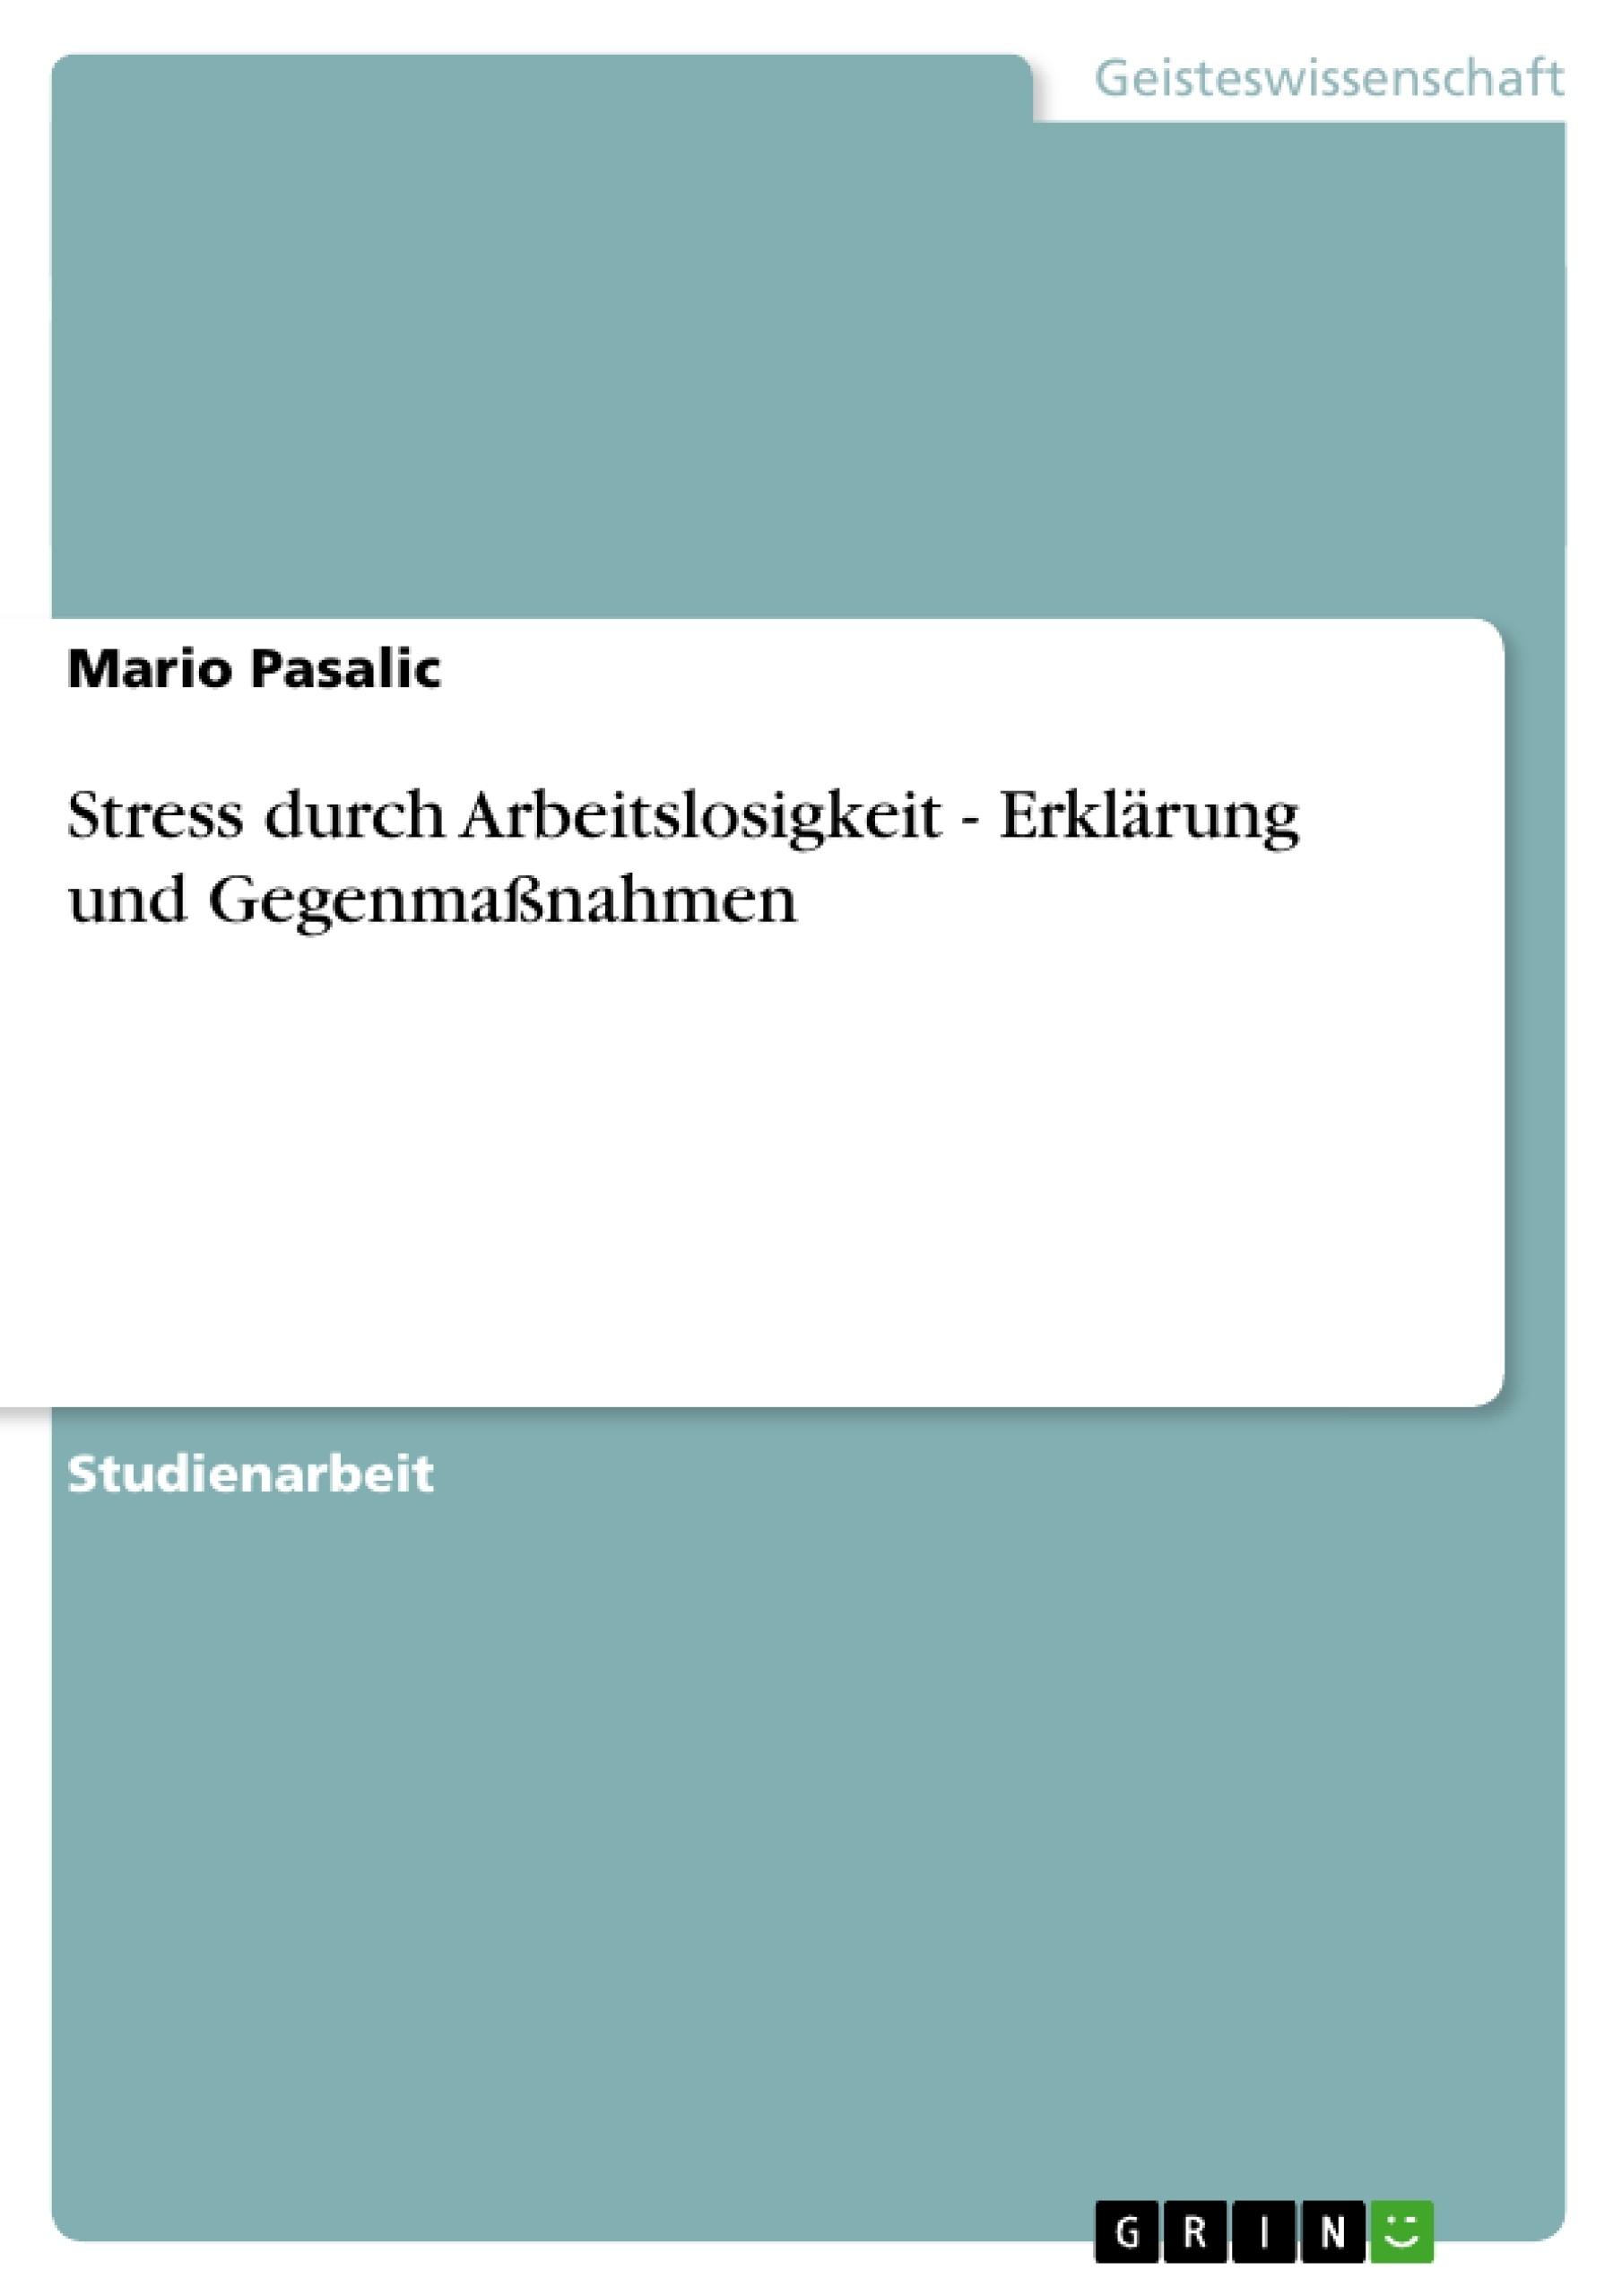 Titel: Stress durch Arbeitslosigkeit -  Erklärung und Gegenmaßnahmen